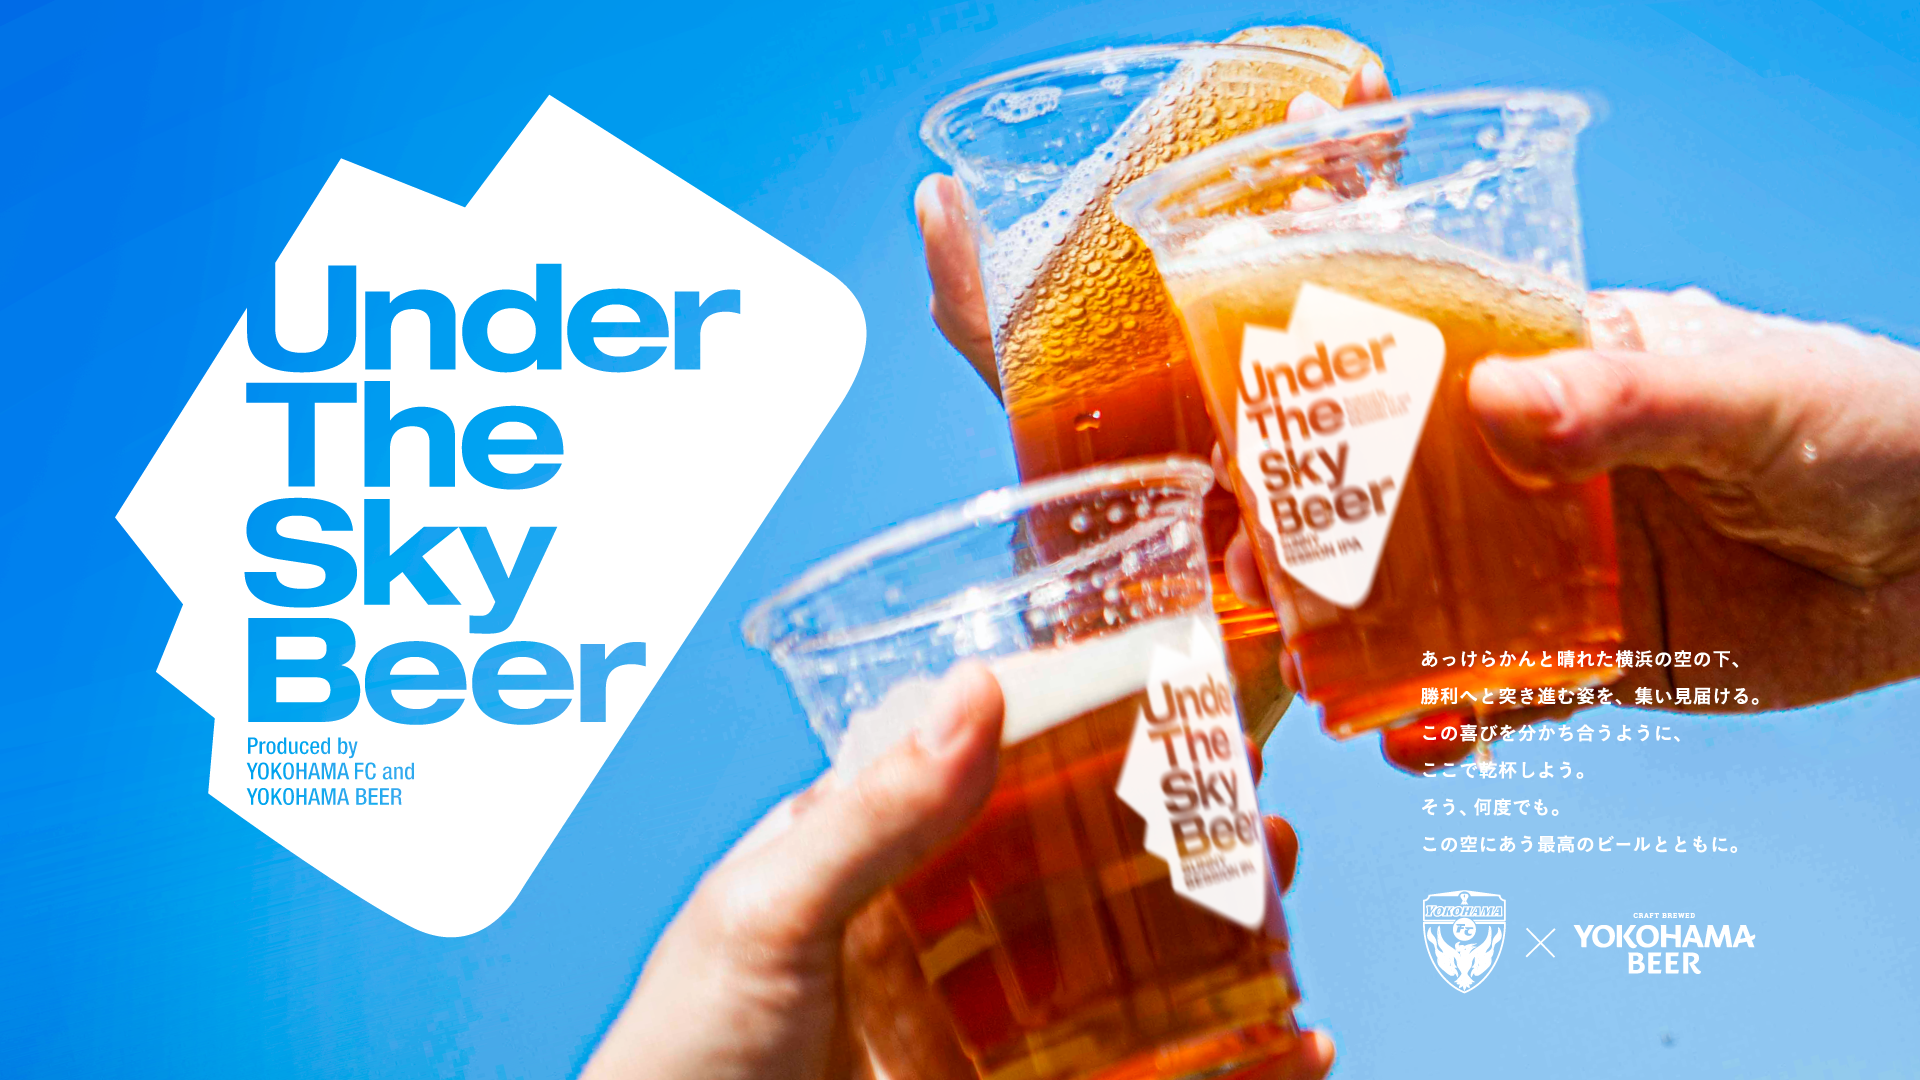 【急遽ボトル詰めラスト10セット!!】「Under The Sky Beer~SUNNY SESSION IPA~」横浜FCオリジナルコラボレーションビール5本SET スタジアム専用プラカップ付き!